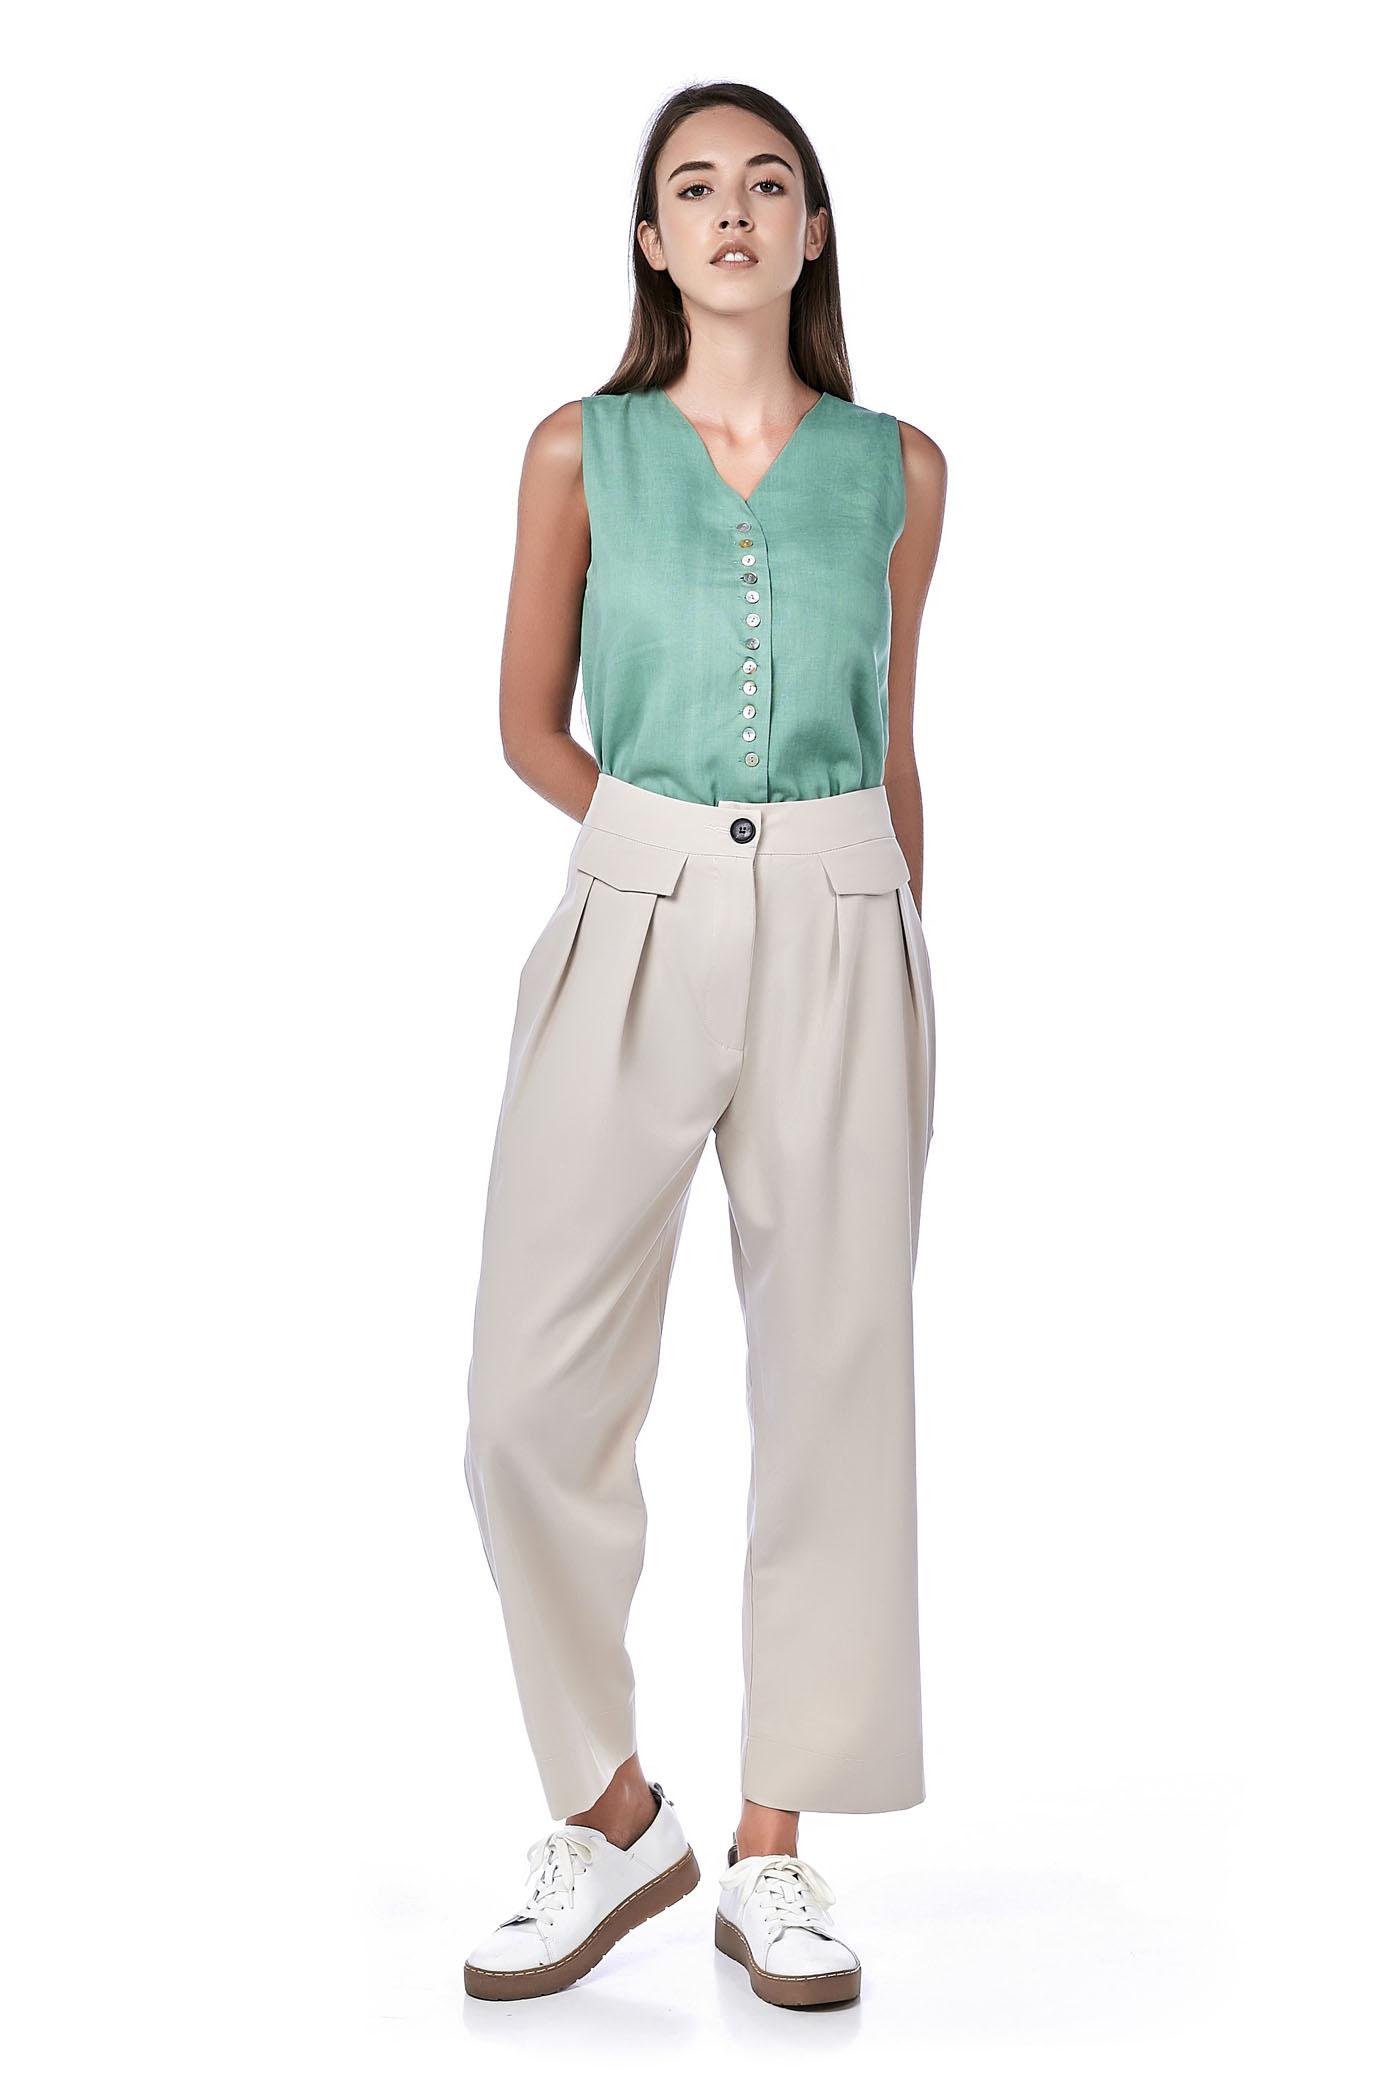 Ondrea High-Waisted Pants